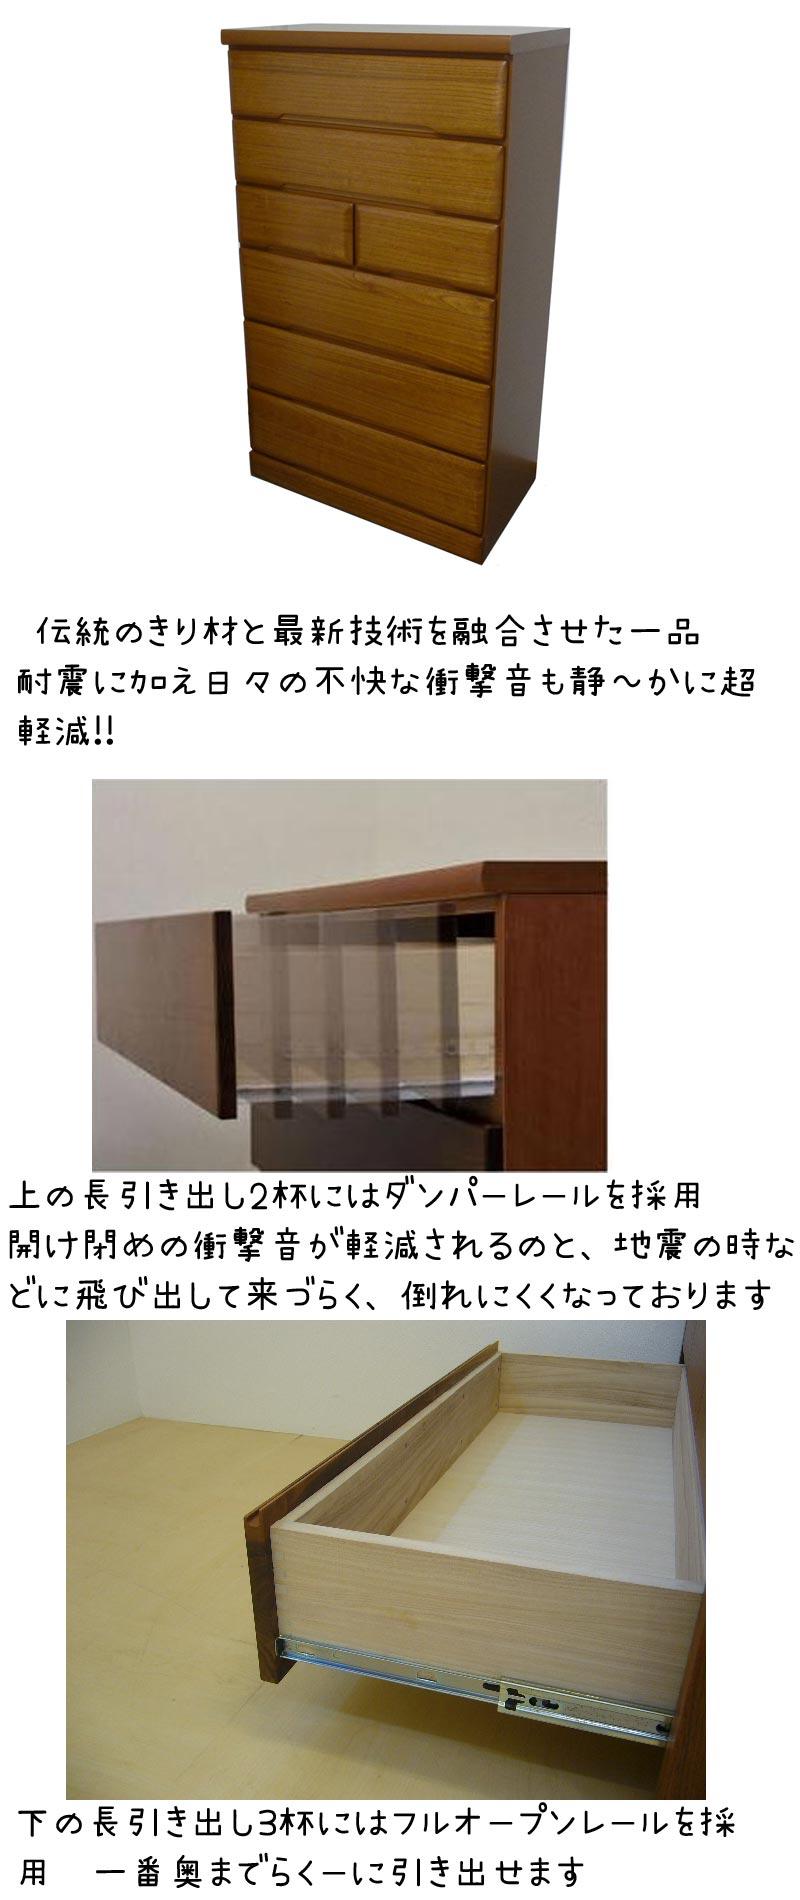 桐×耐震チェスト